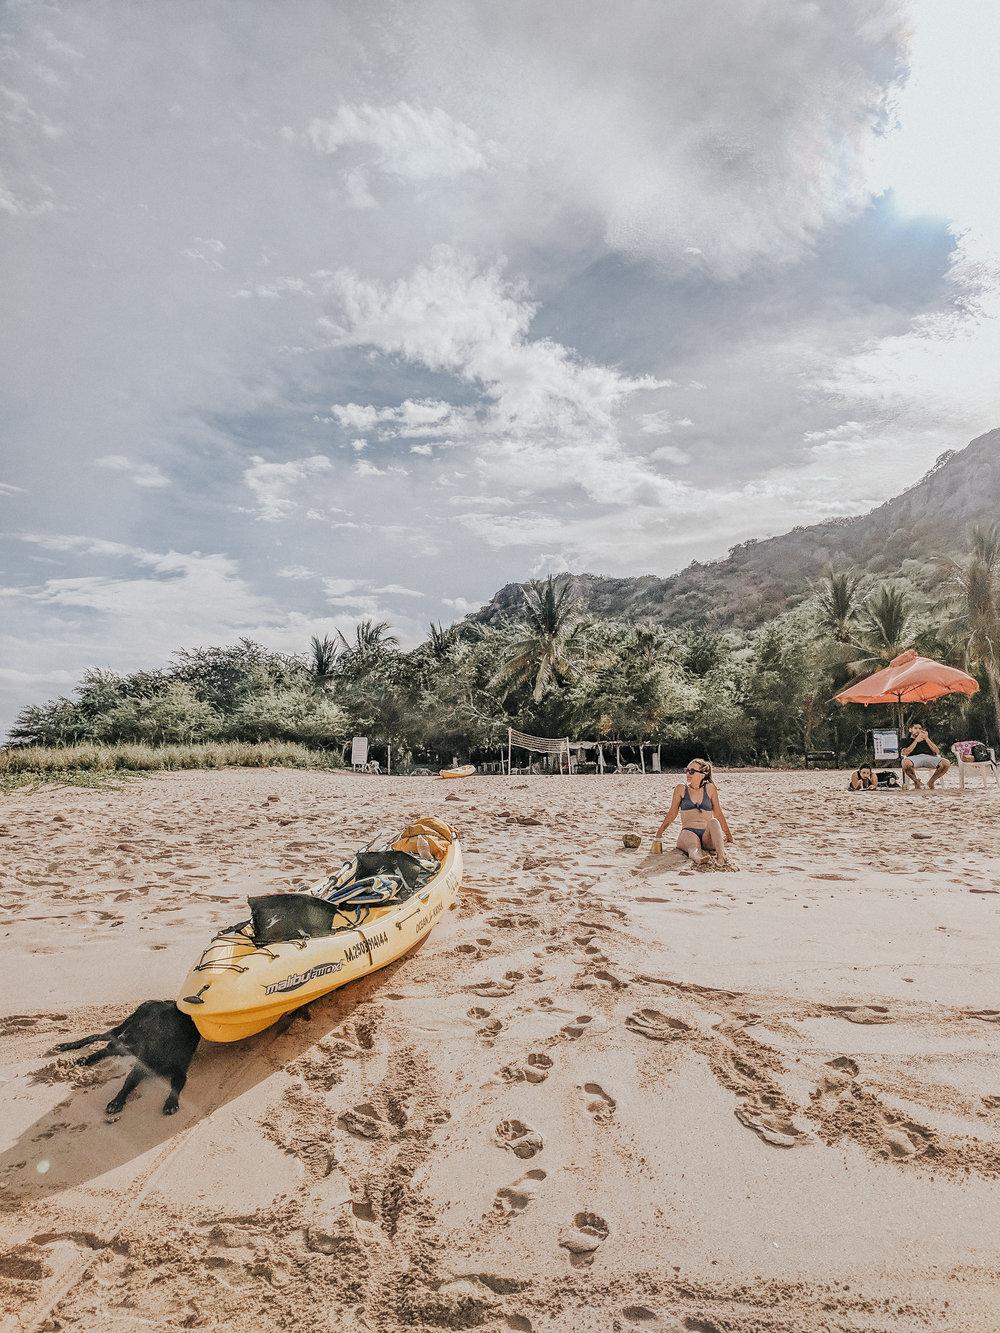 The island we kayaked to in Mazatlan.